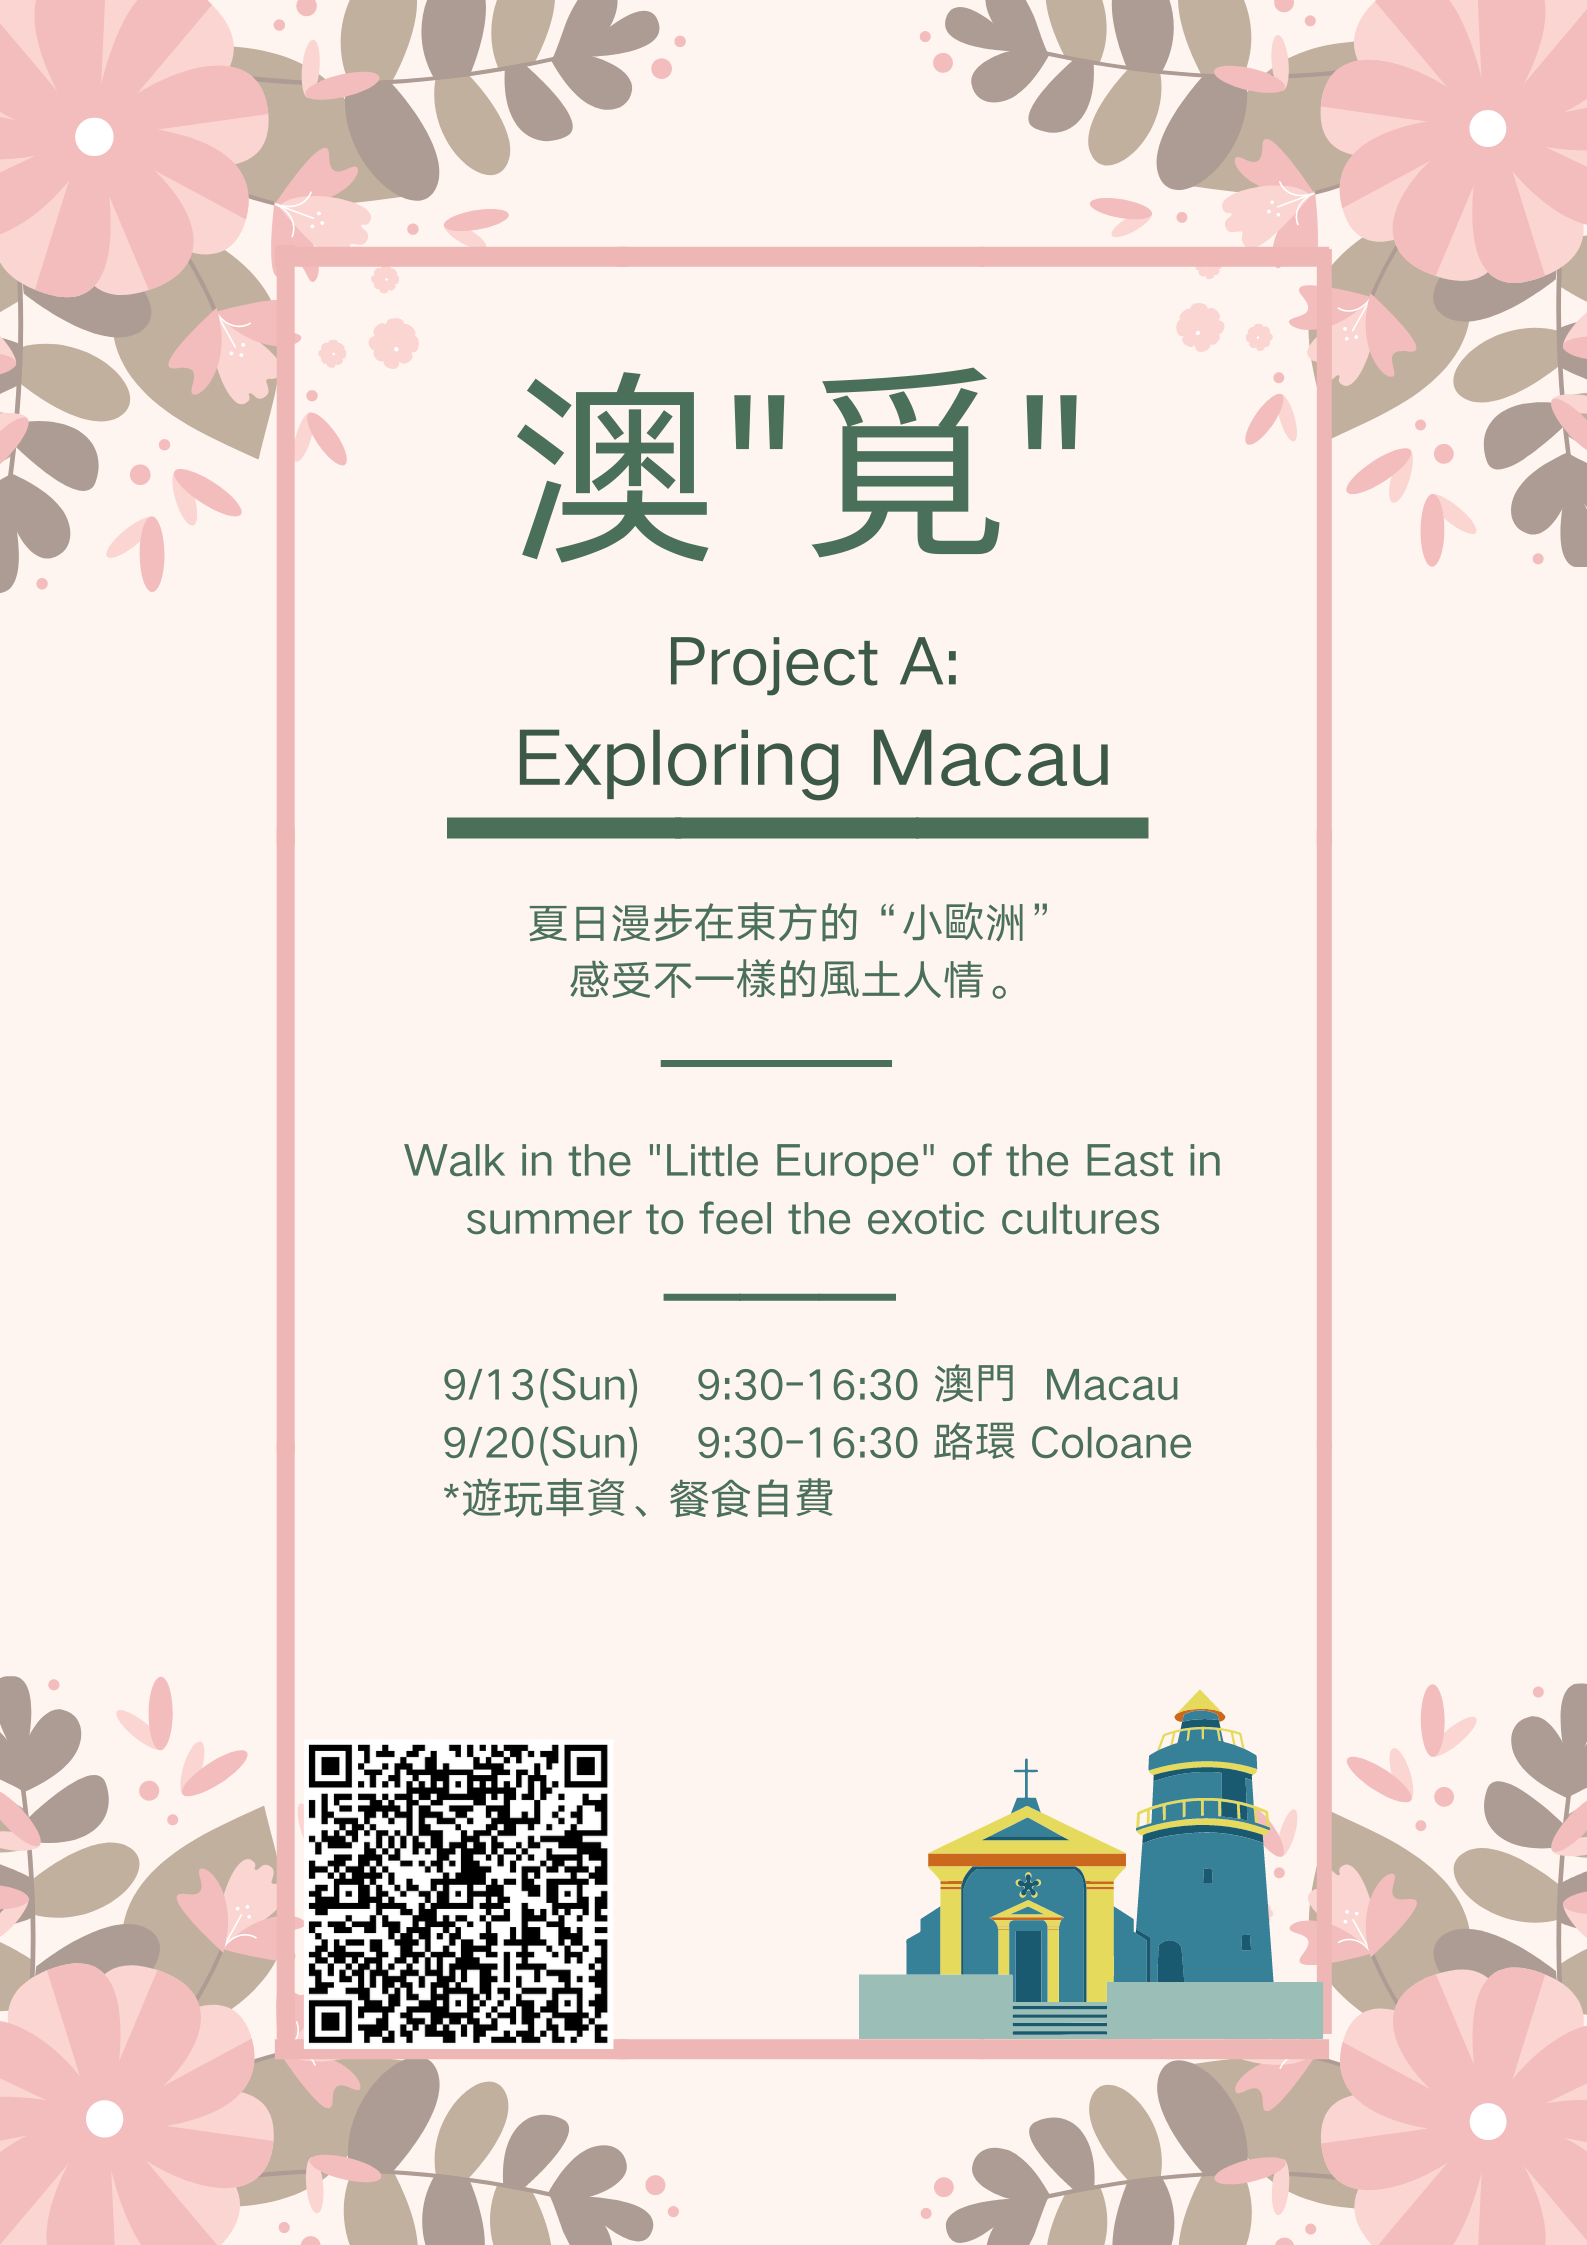 Project A: Exploring Macau